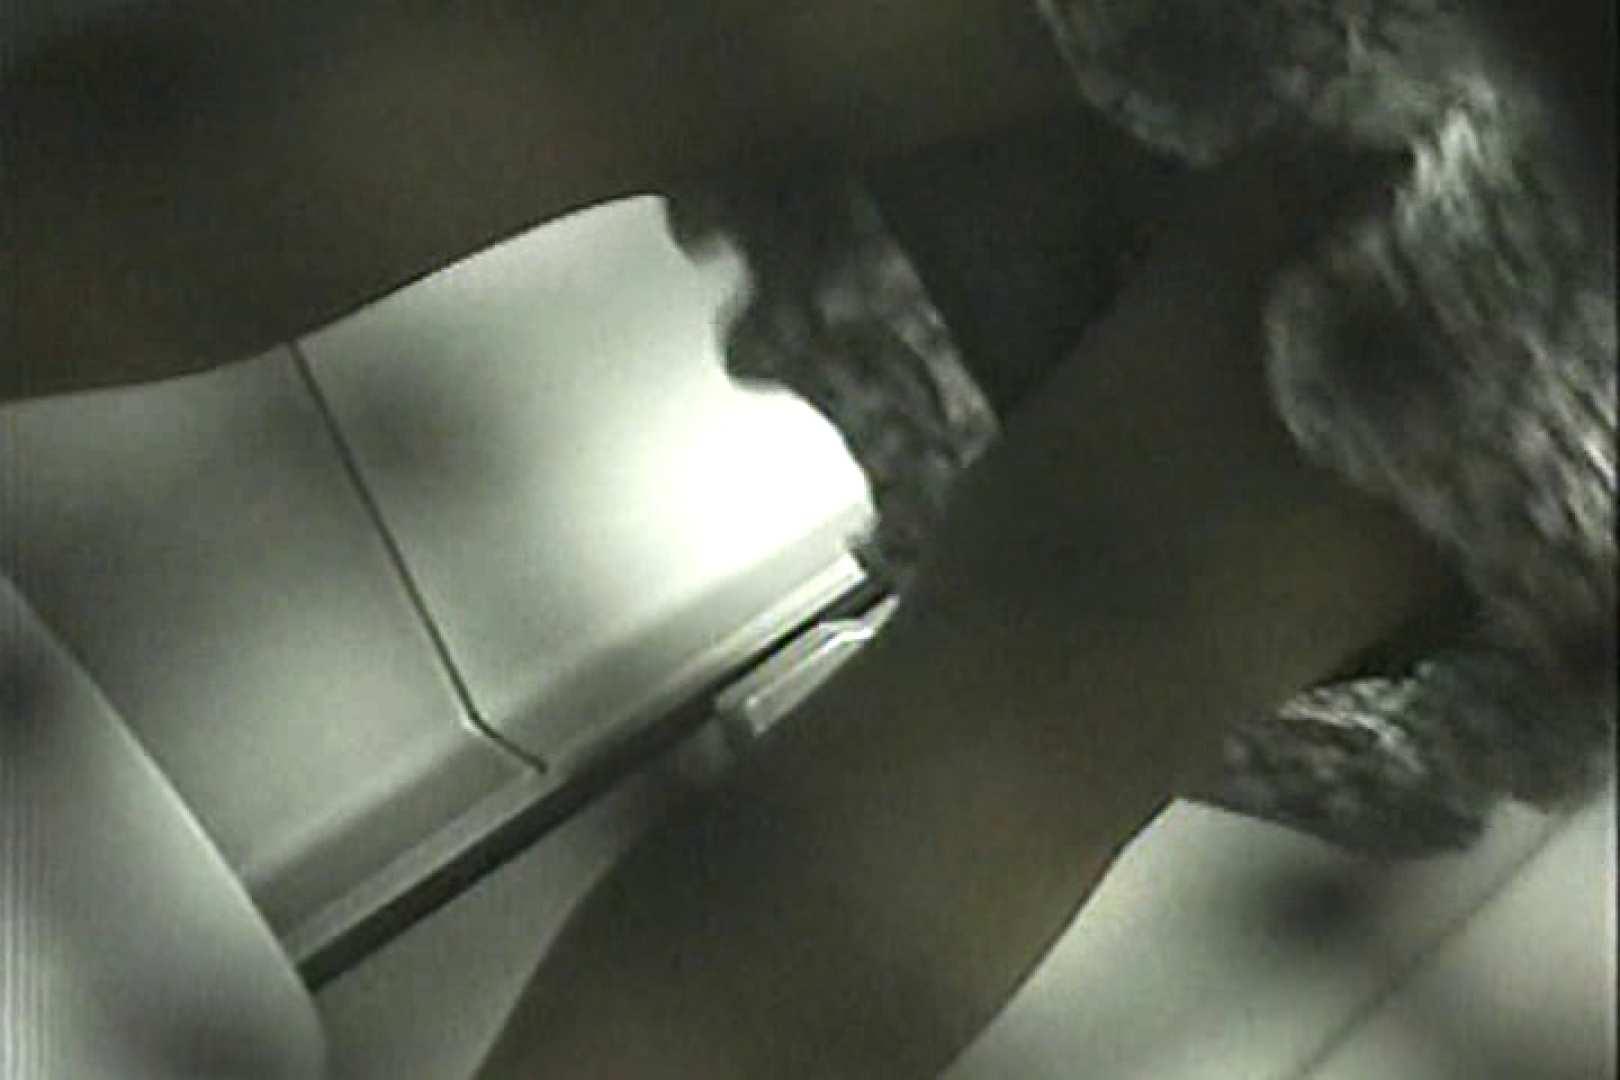 車内洗面所盗撮 電車ゆれればお尻もゆれる TK-98 洗面所 | 車  102pic 70